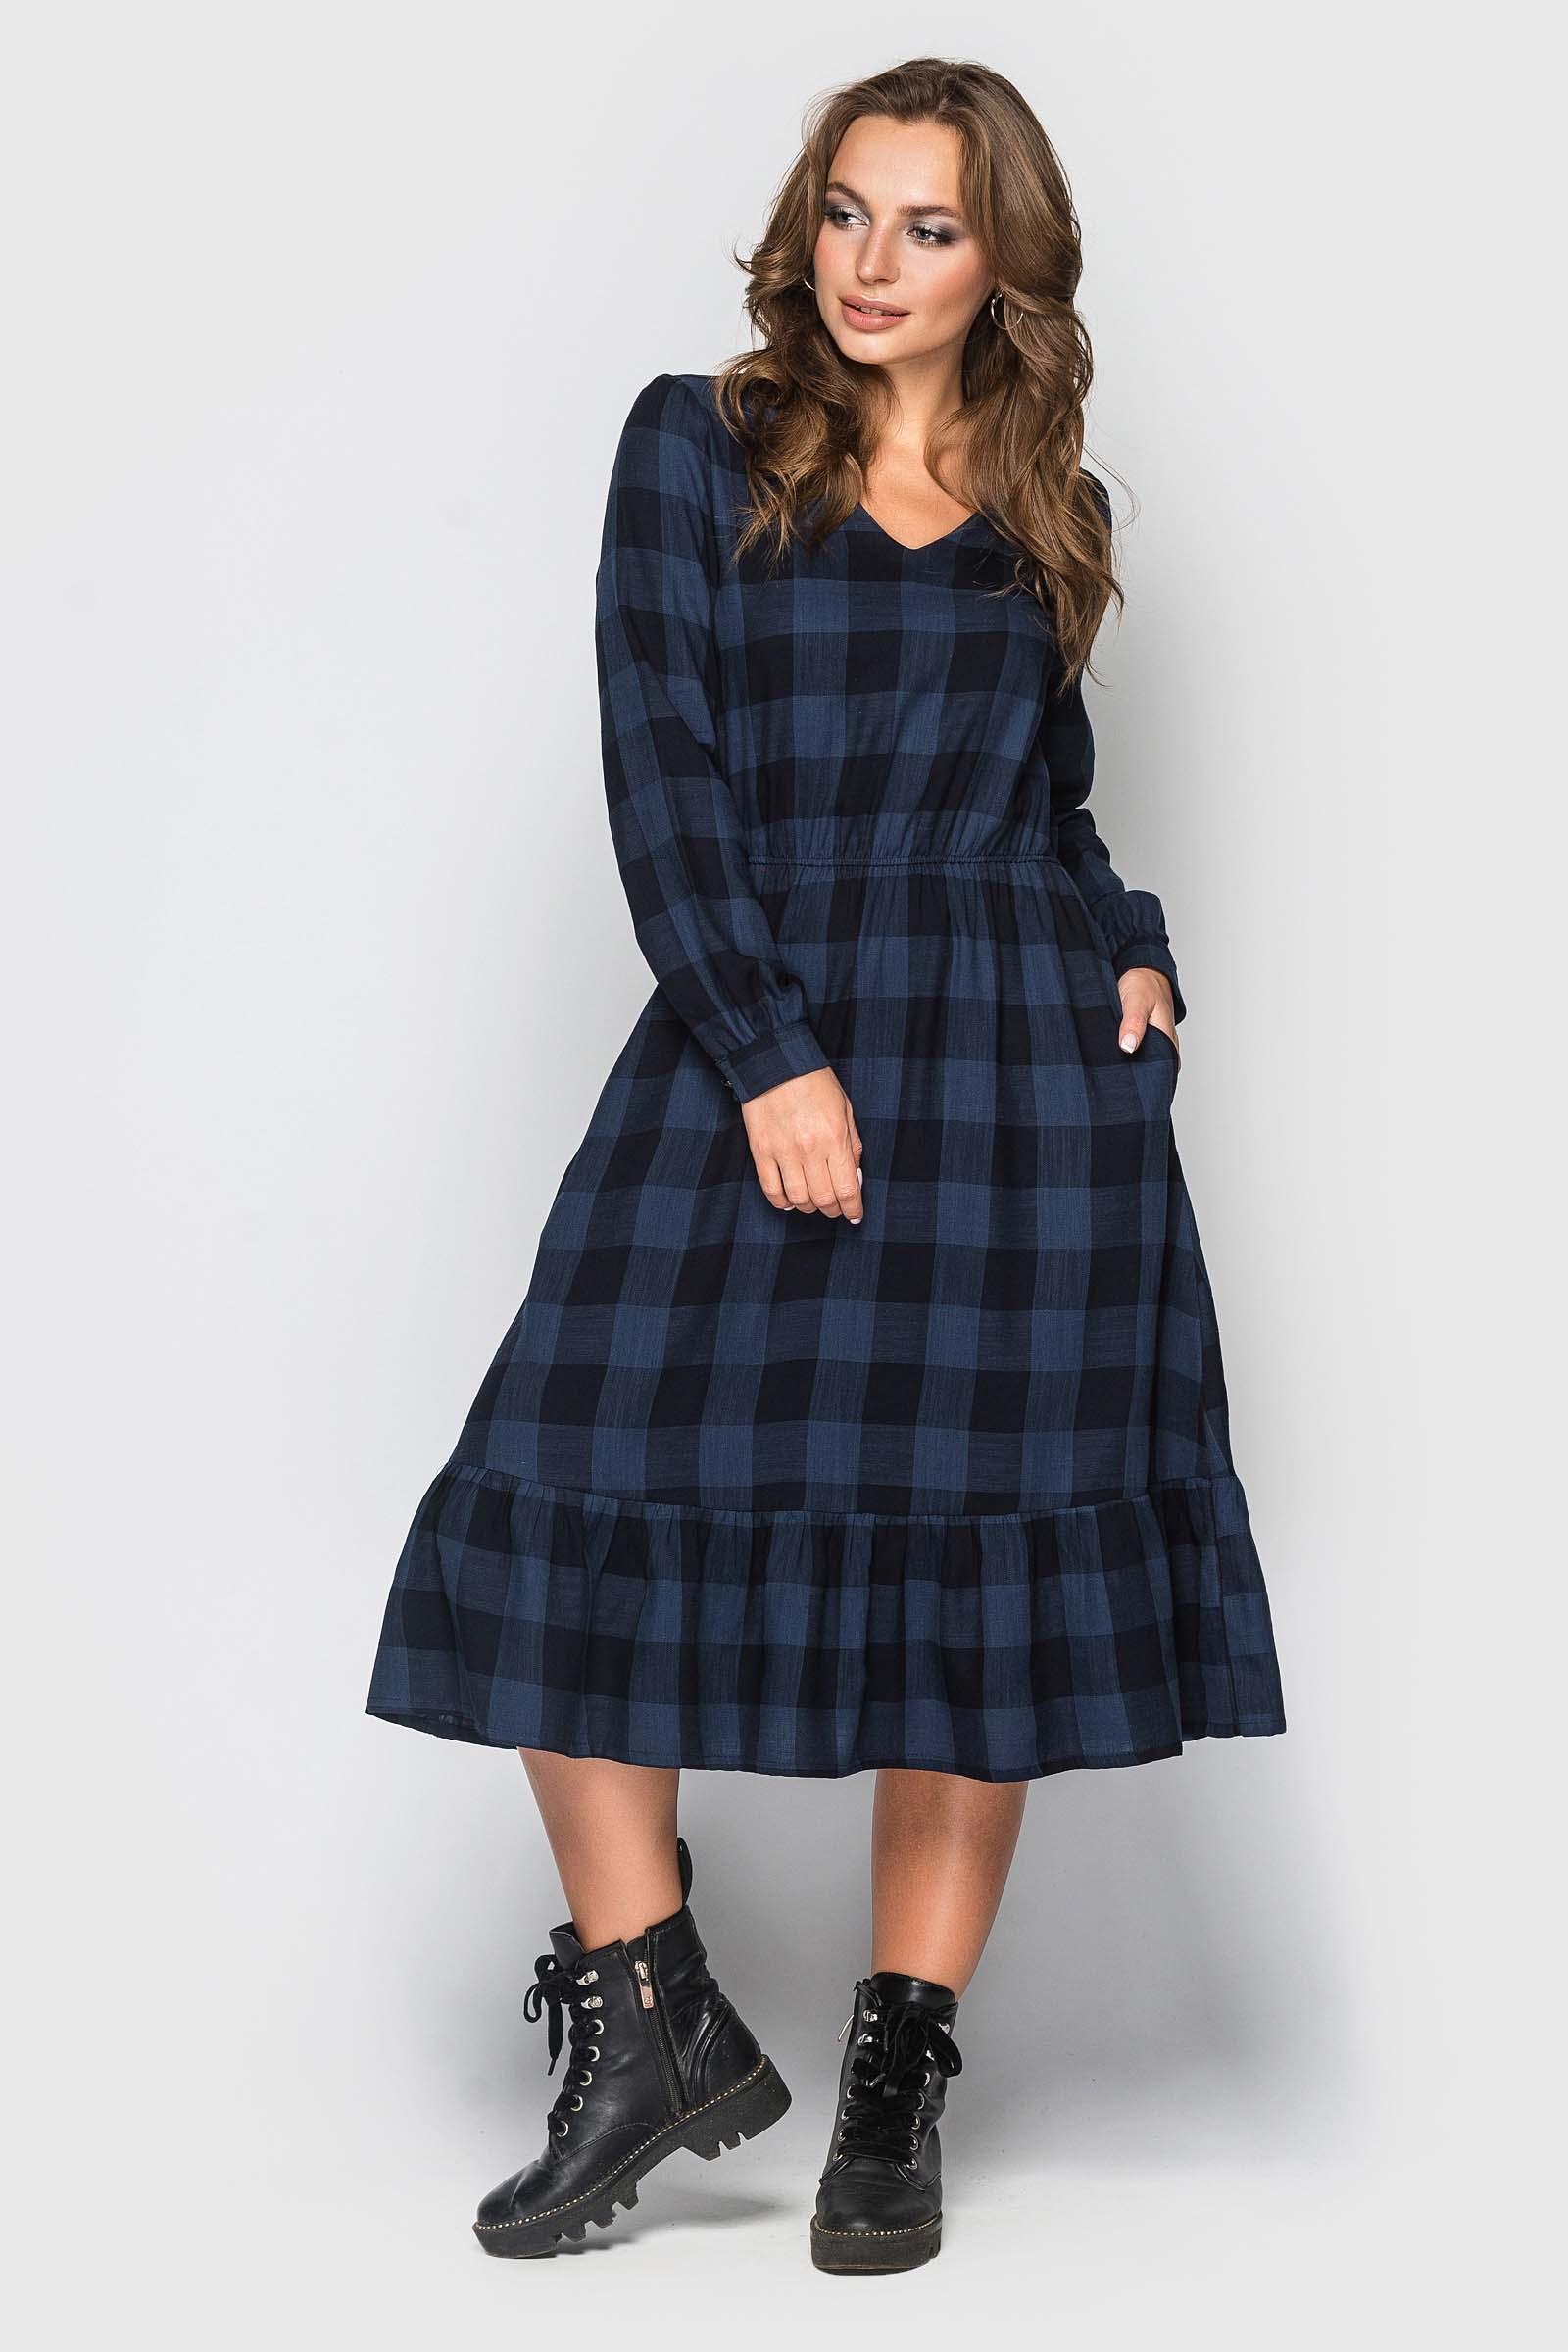 2020 01 23 338125 Купить платье